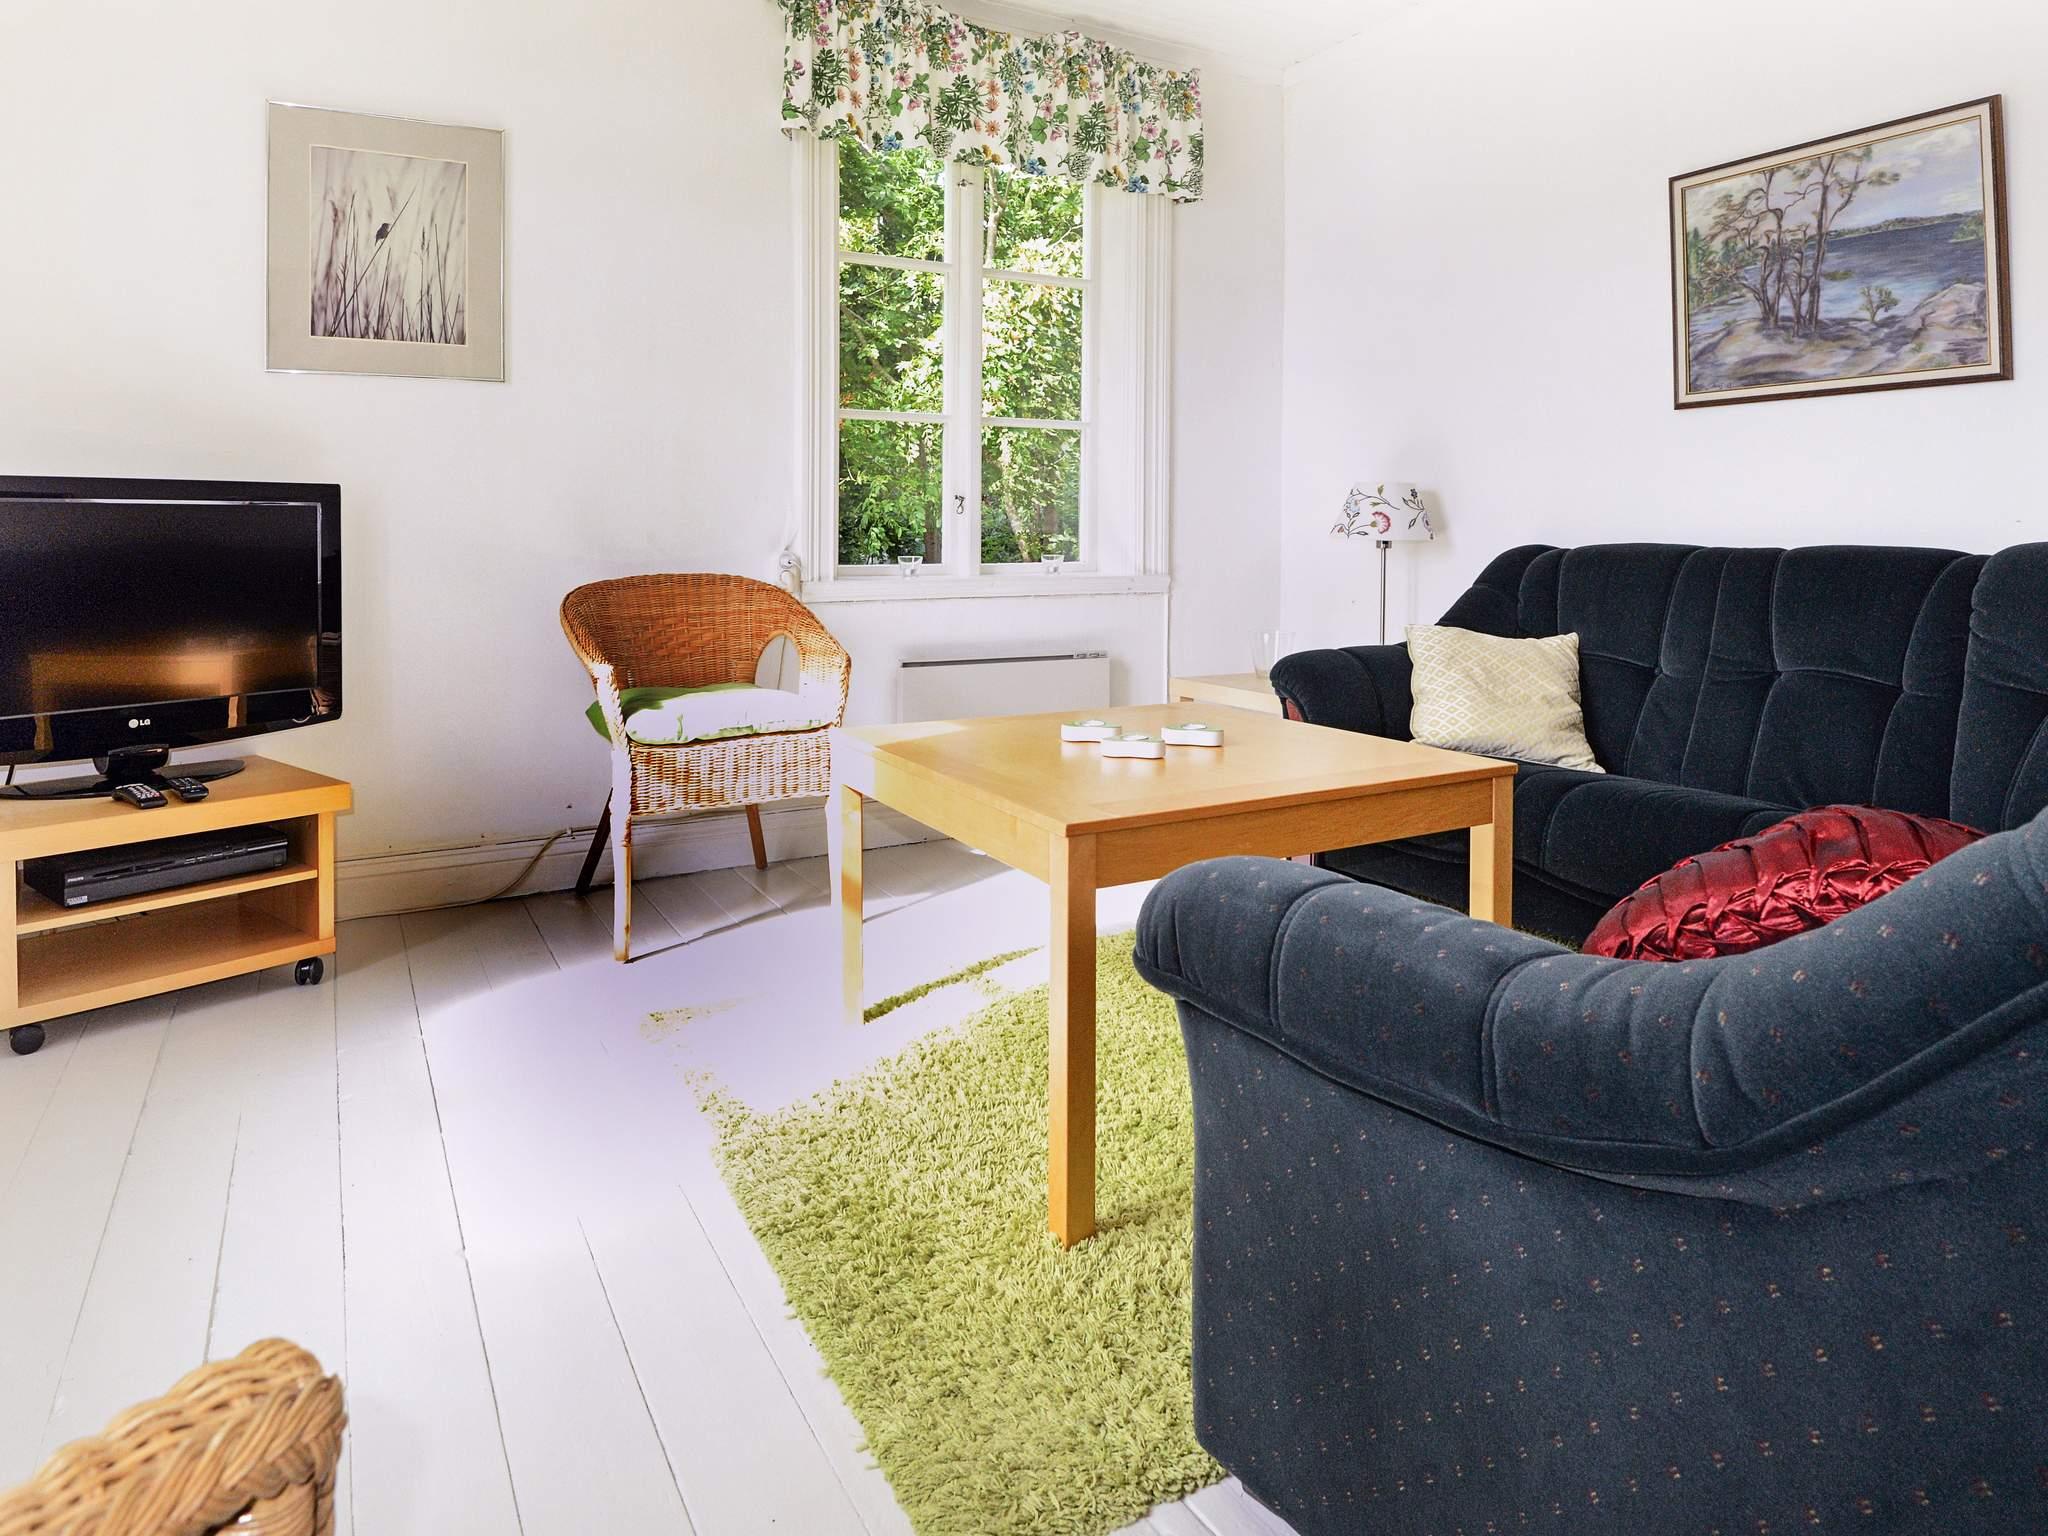 Ferienhaus Mariefred (426484), Mariefred, Södermanlands län, Mittelschweden, Schweden, Bild 2